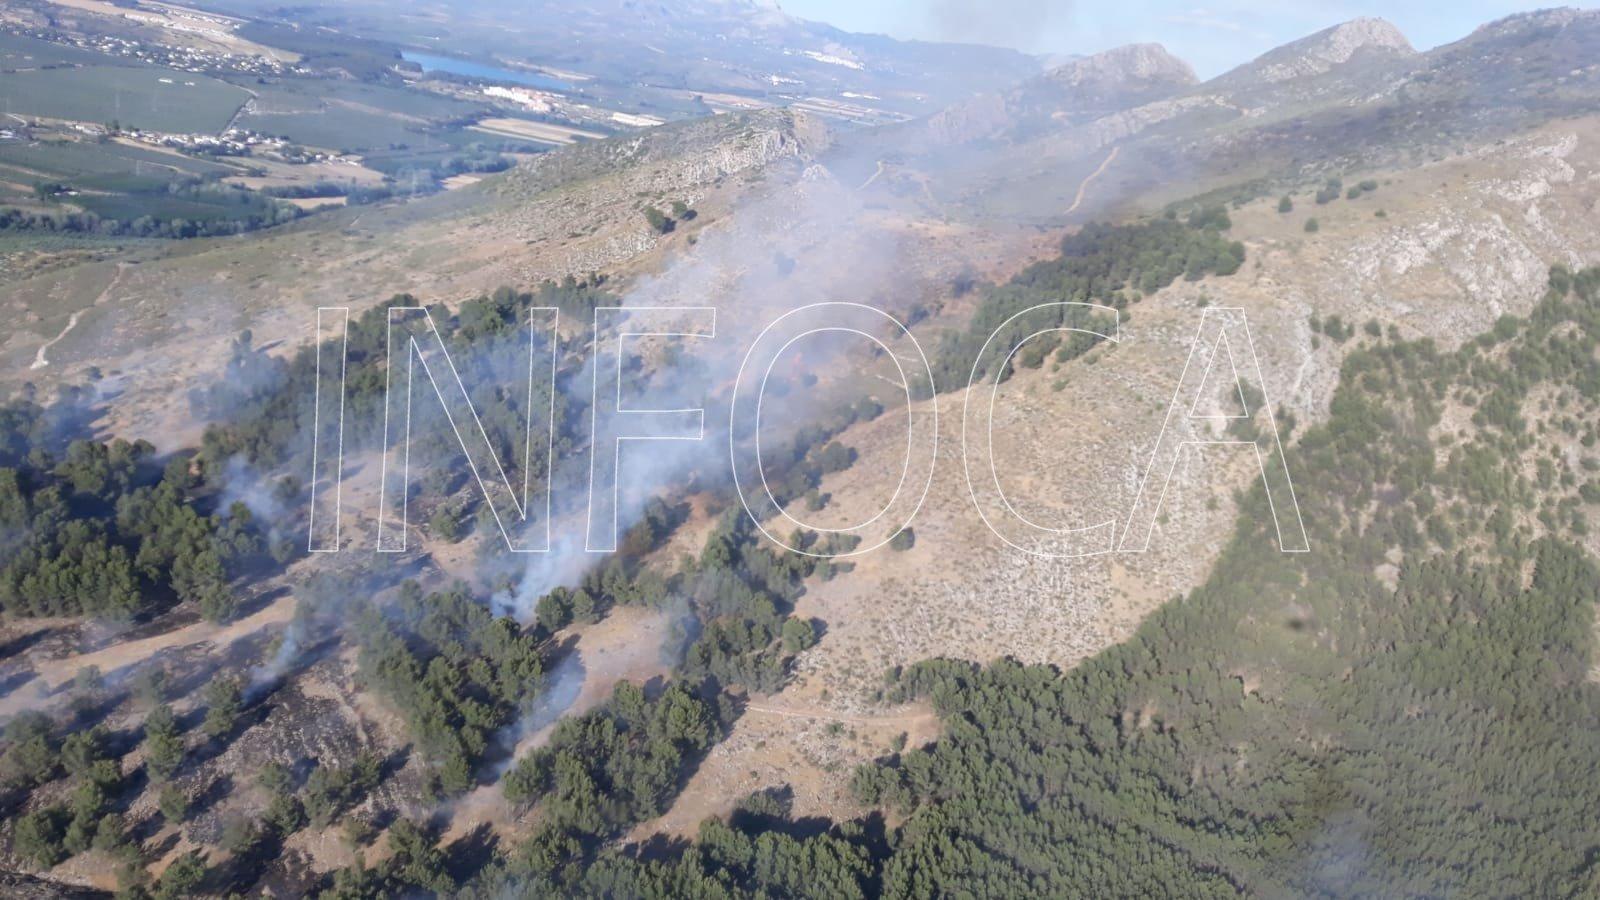 Controlado el incendio forestal de Sierra Elvira y extinguido otro en Busquístar